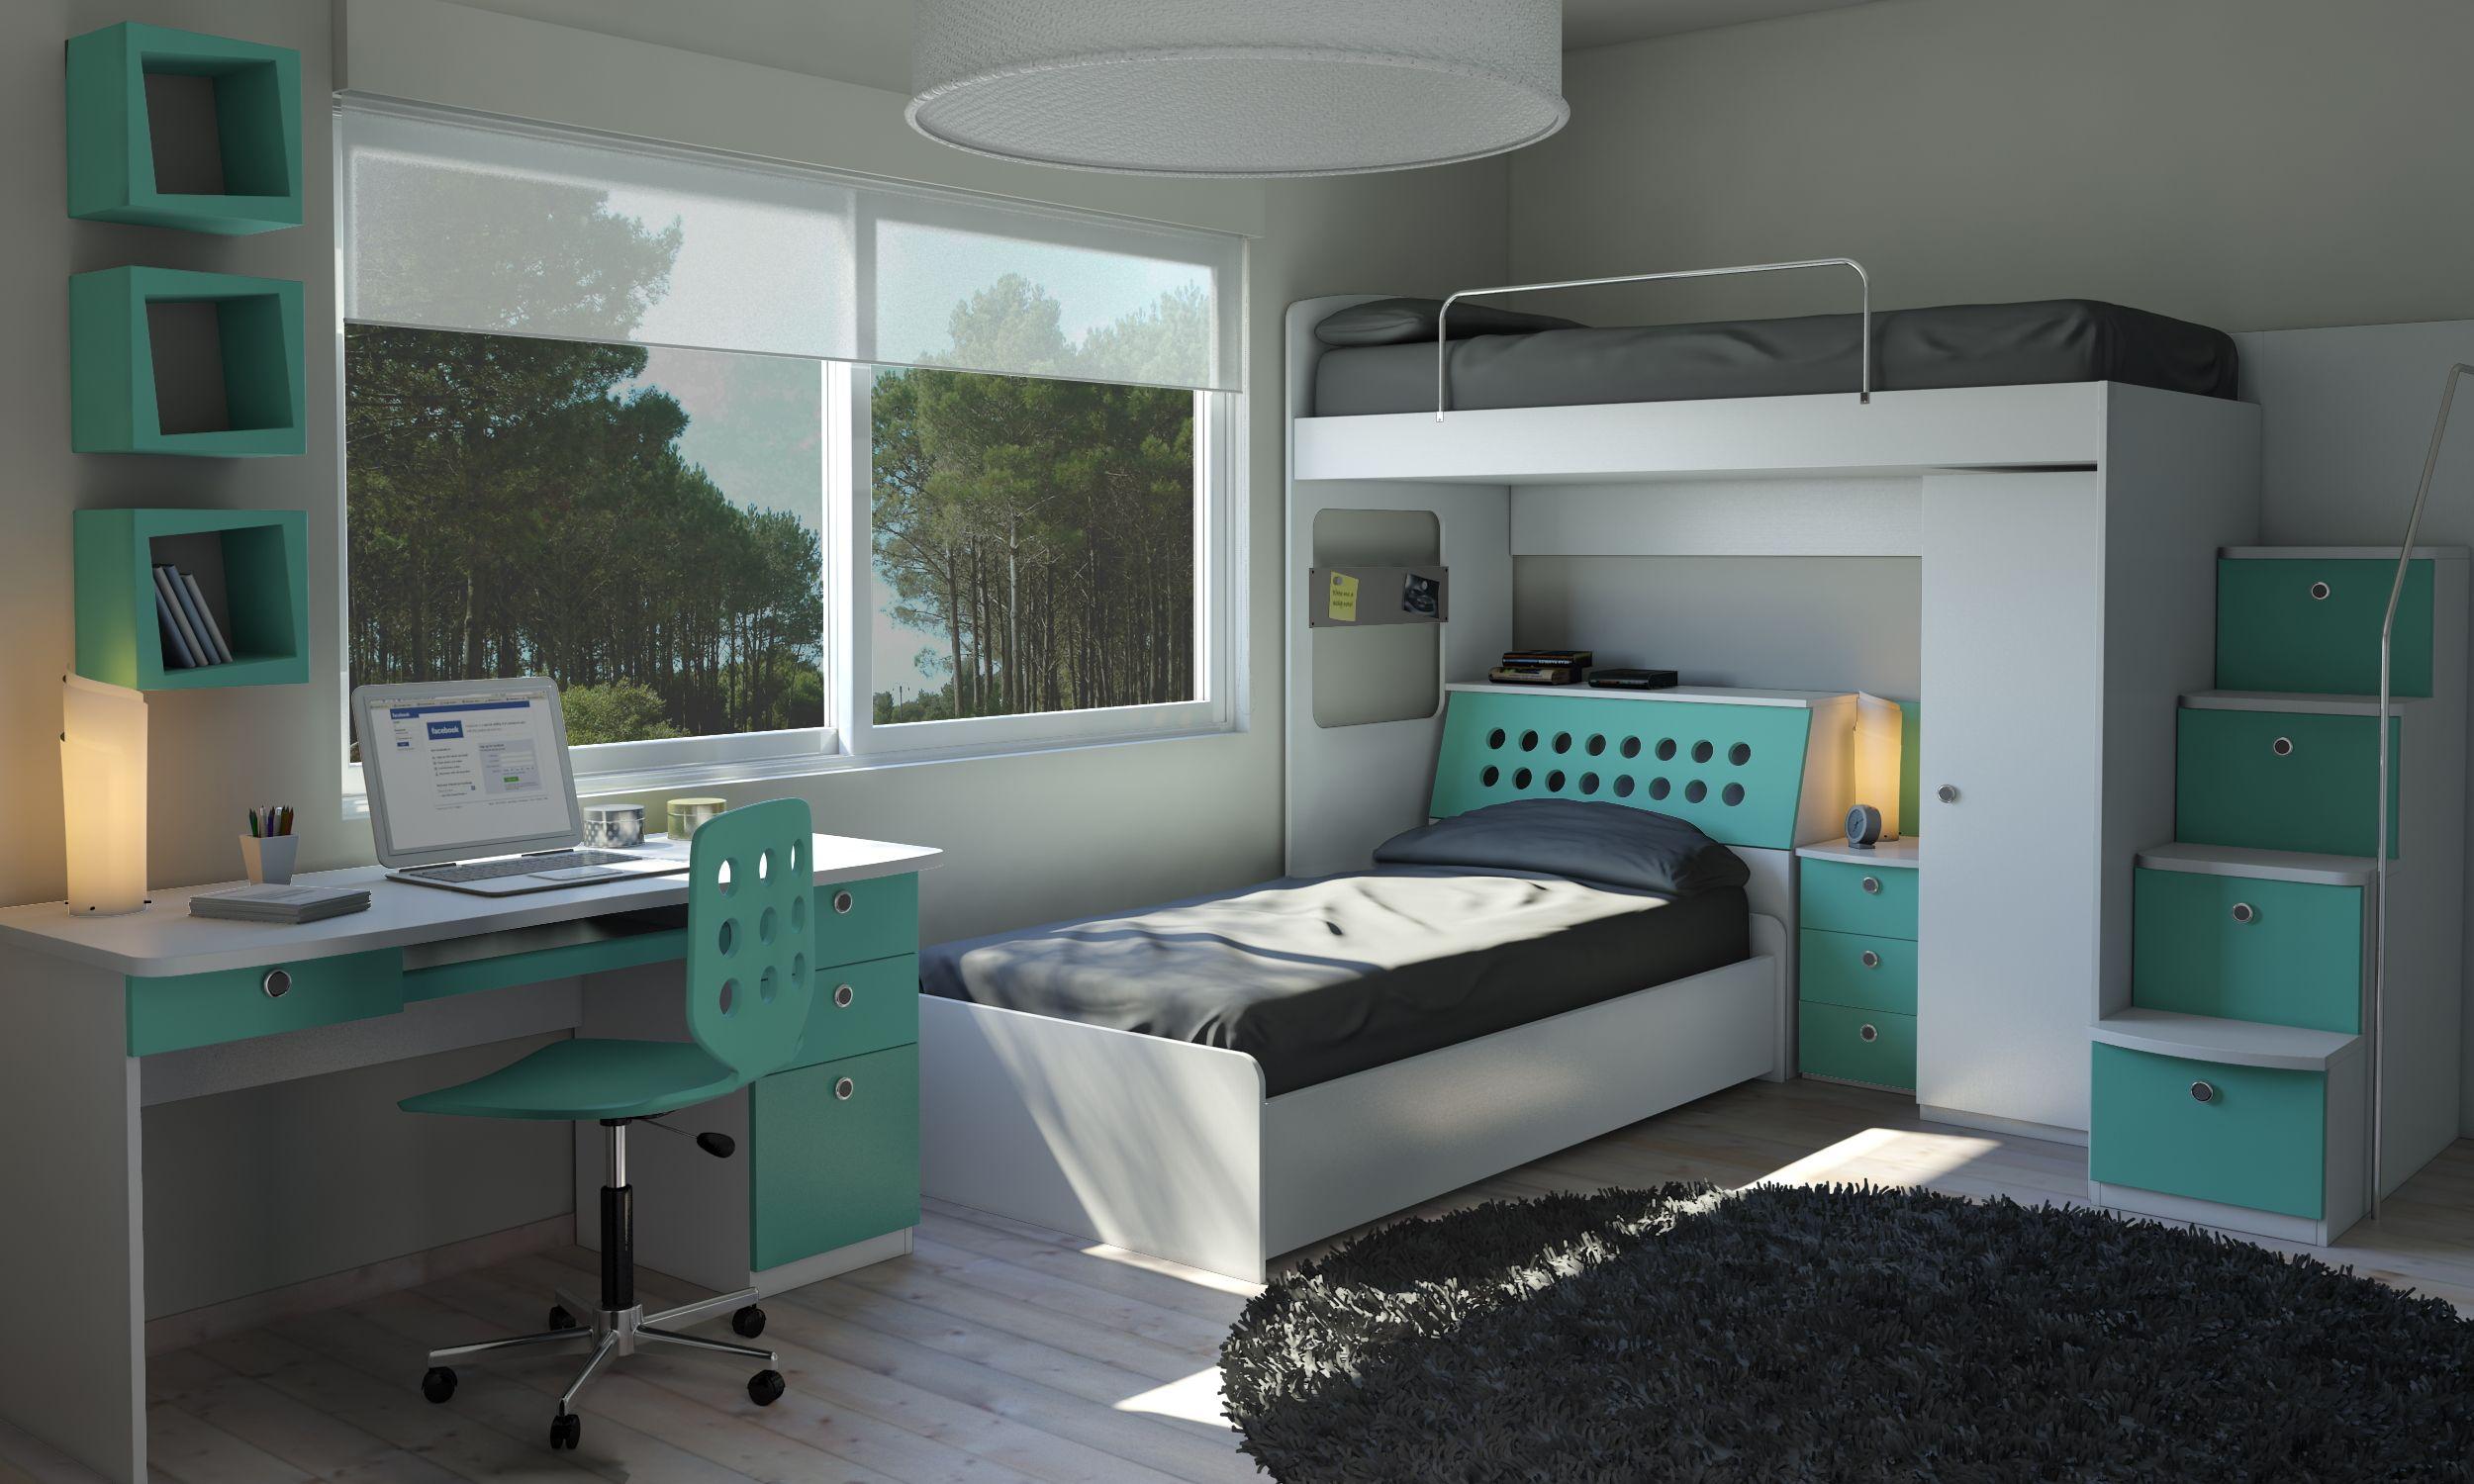 Muebles juveniles muebles infantiles muebles funcionales muebles para chicos muebles juveniles - Muebles para chicos ...